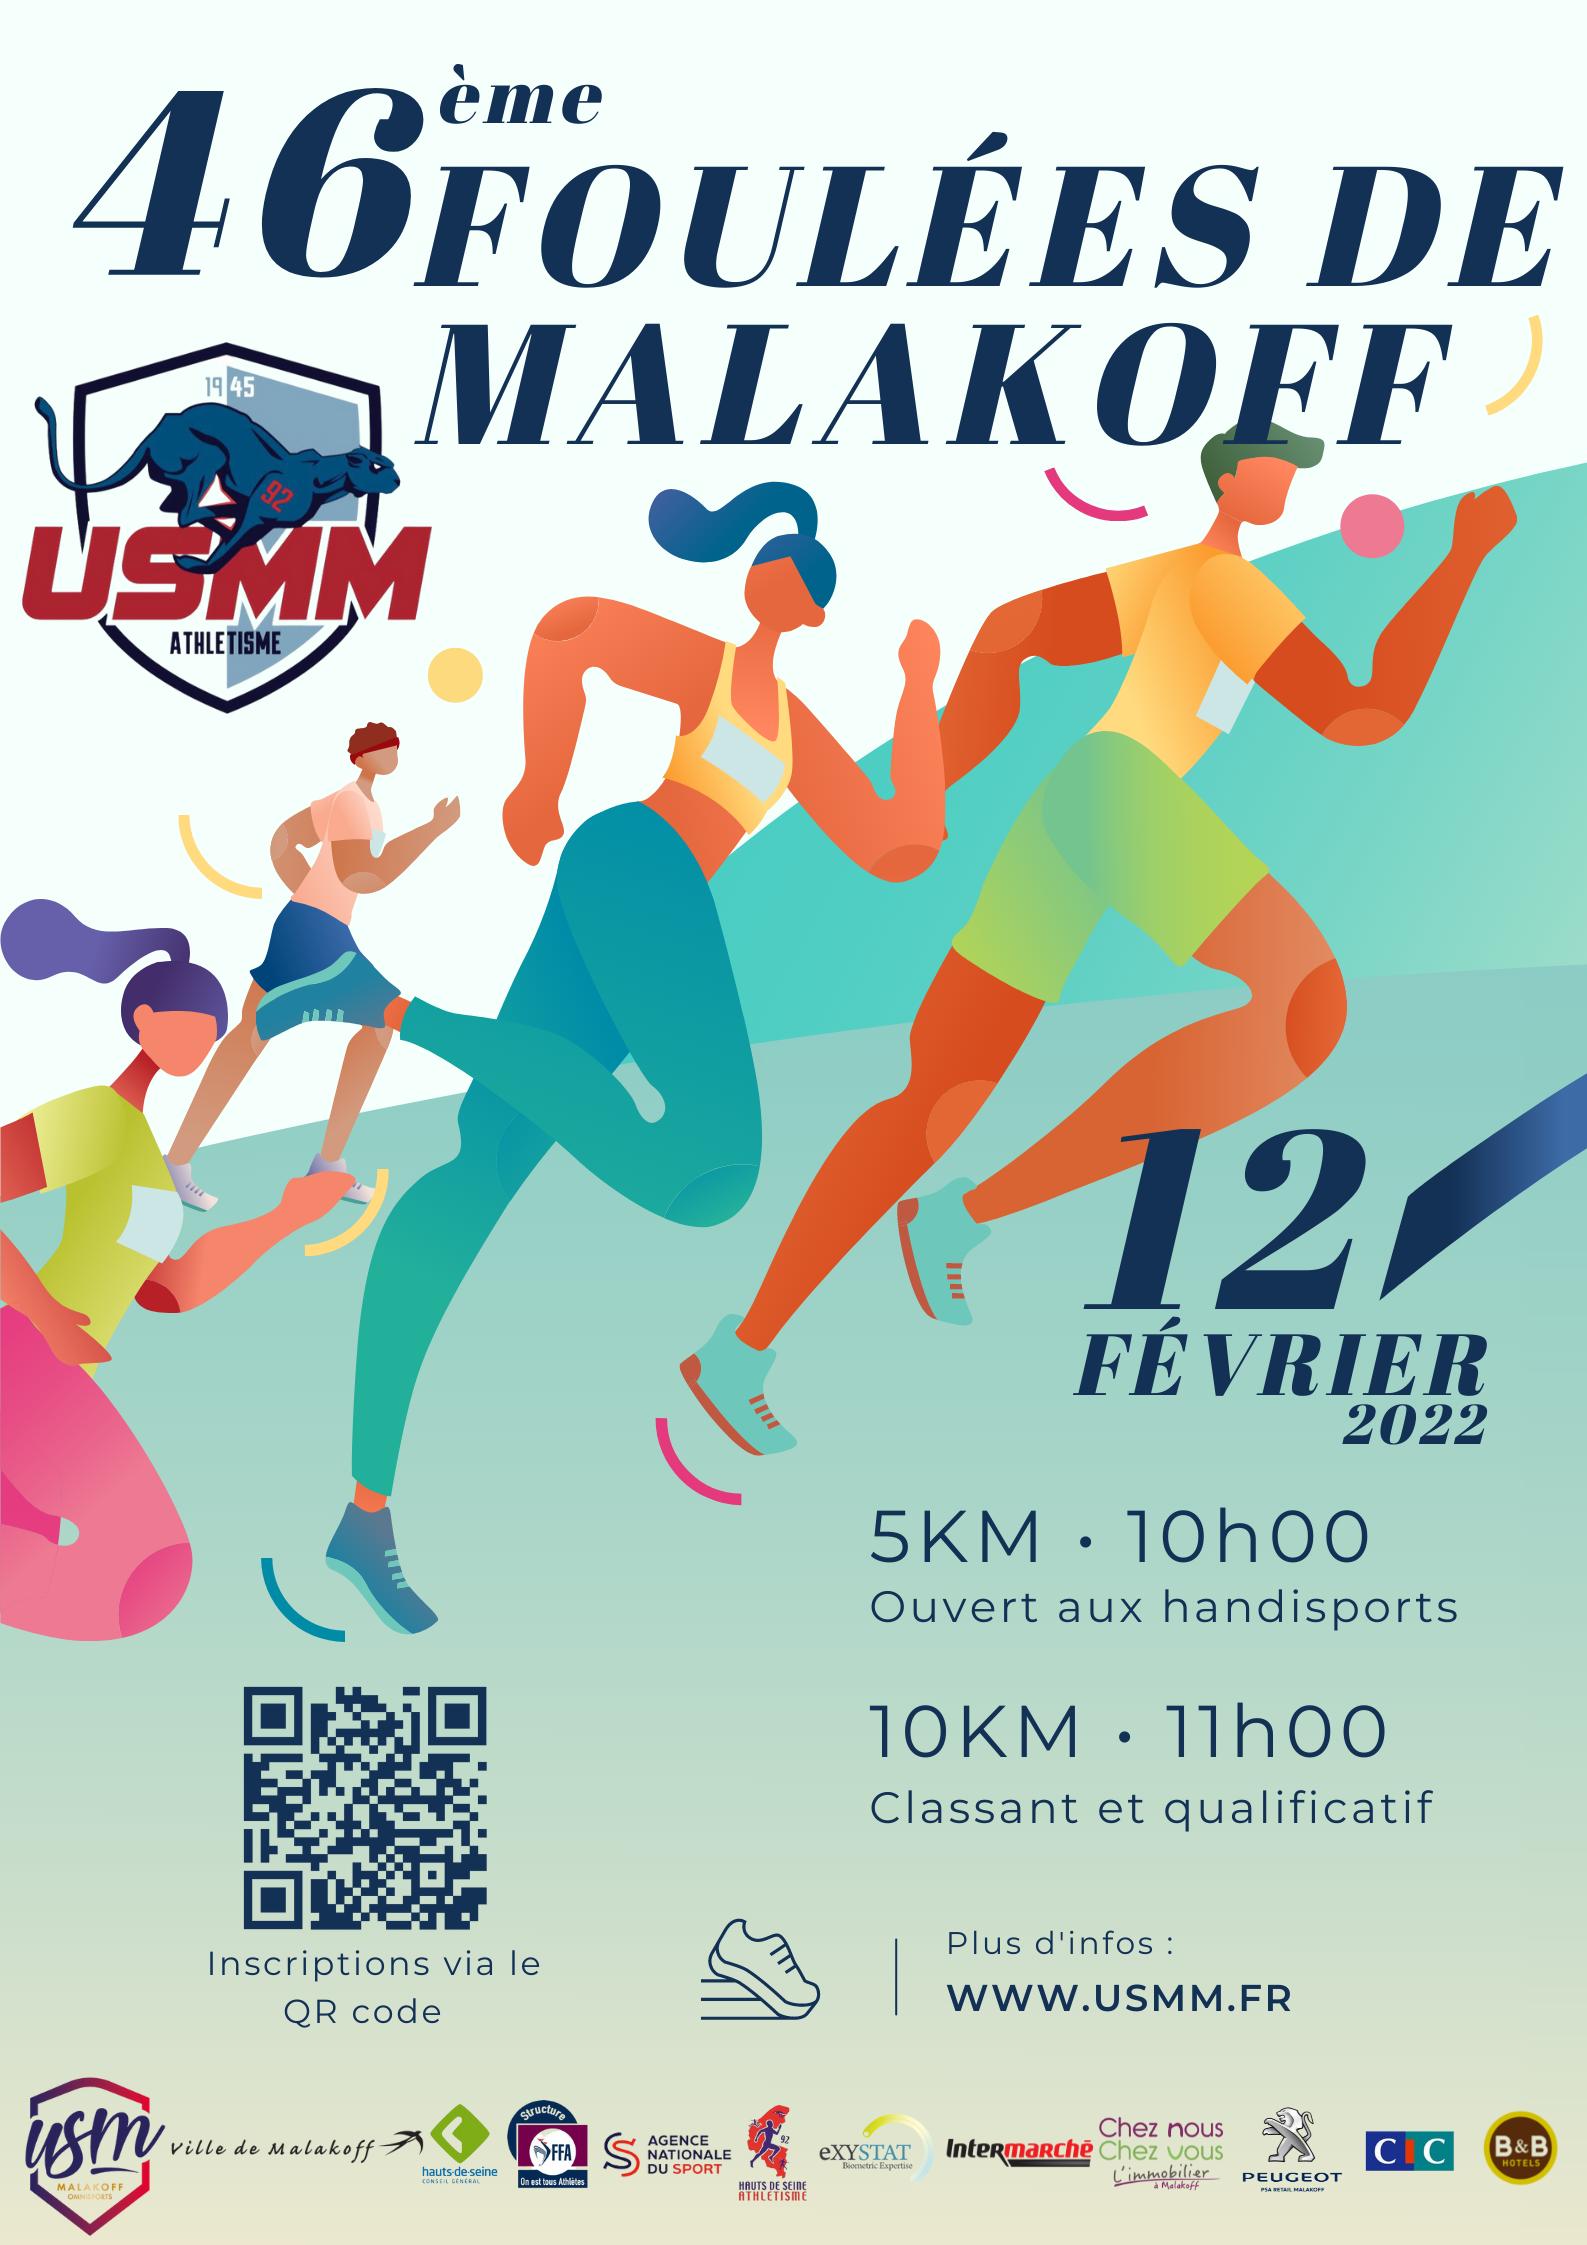 Les Foulées de Malakoff prévues le Samedi 30 janvier 2021 sont reportées au 10 avril 2021 - 5km et 10km qualificatifs - inscriptions sur le site protiming.fr